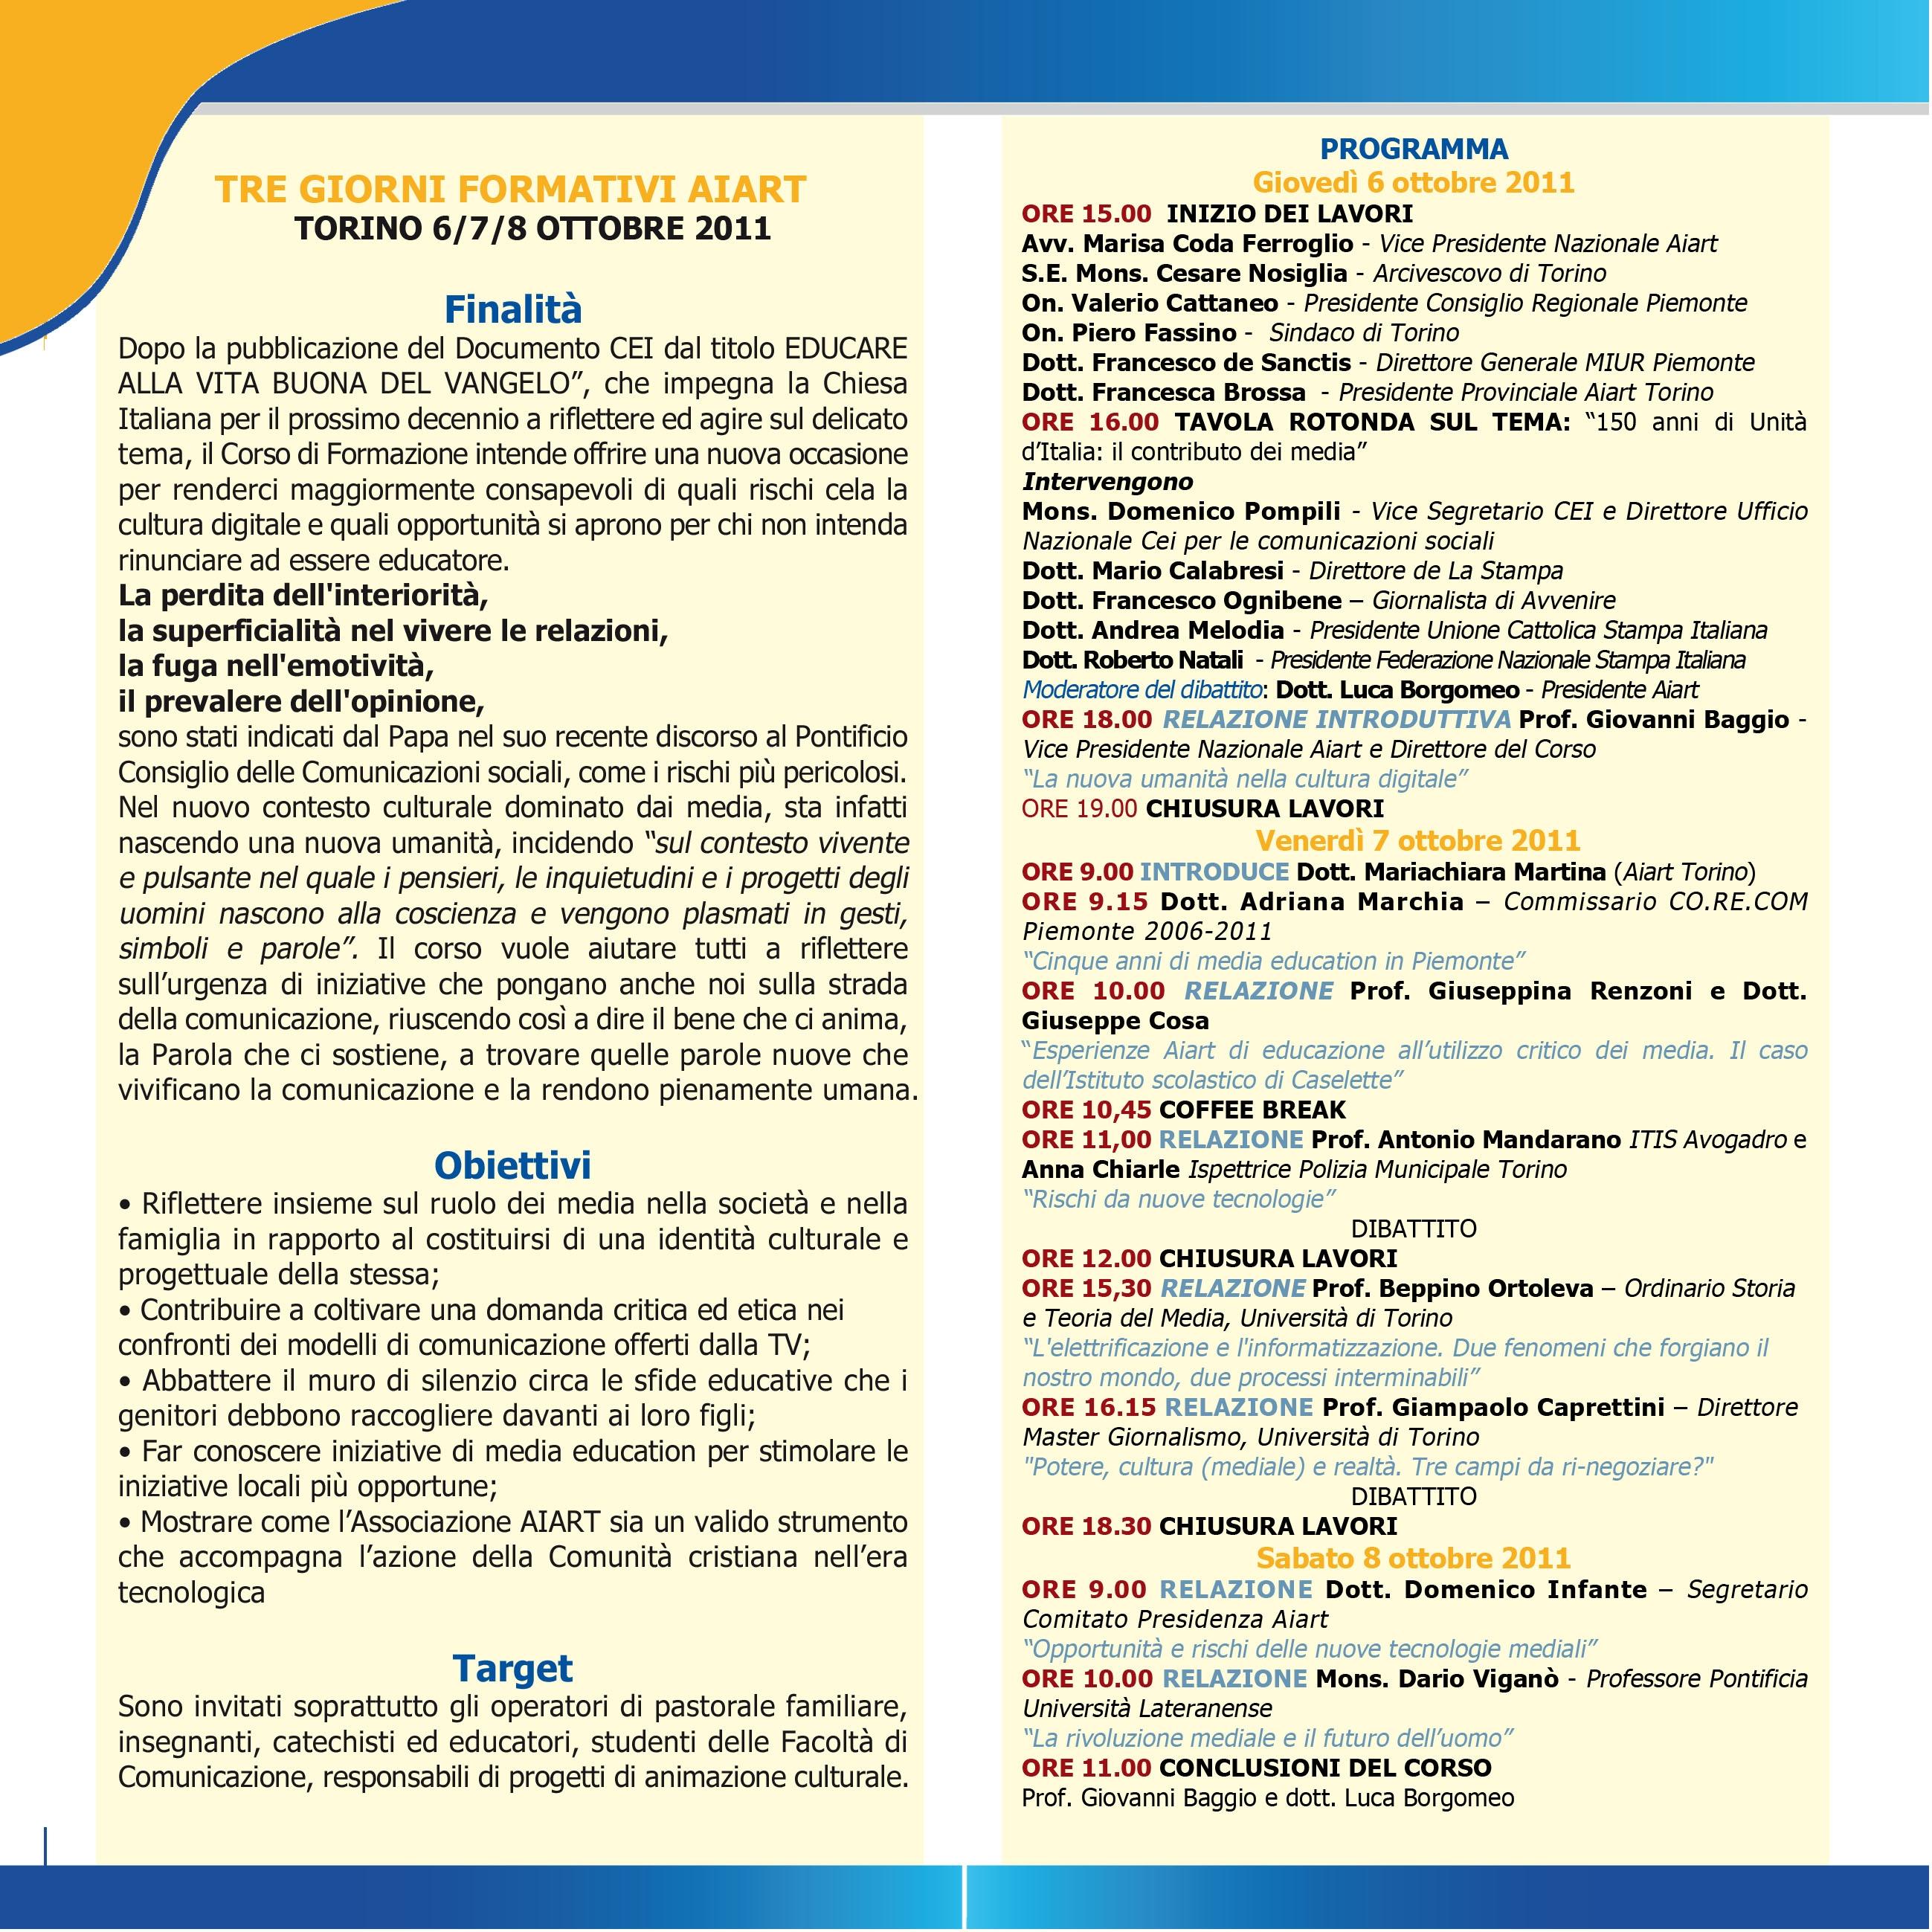 Programma-invito corso Torino - interno Programma-invito corso Torino - interno